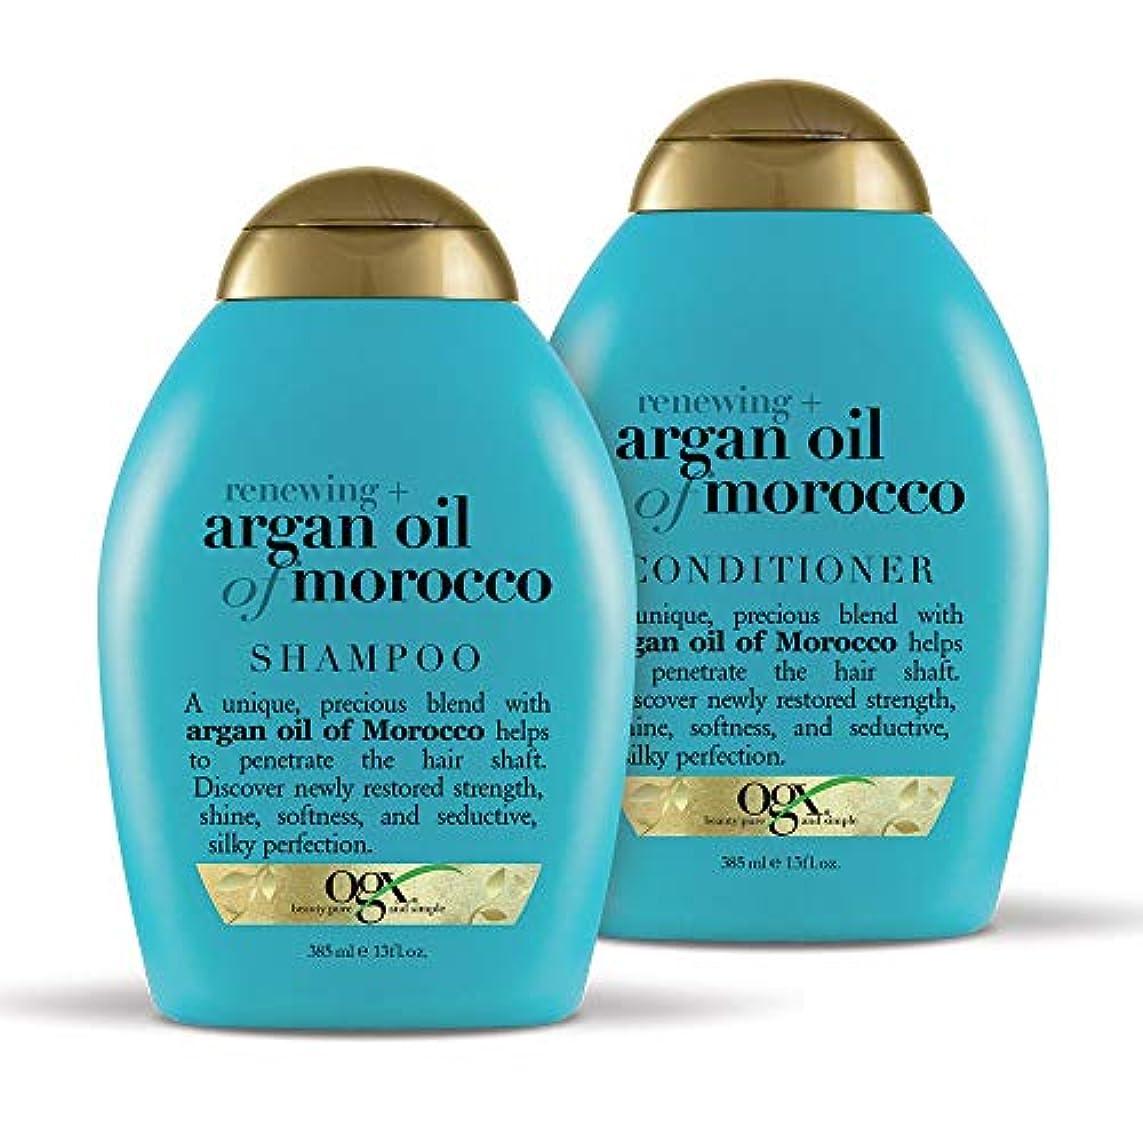 あからさま絶望的な豪華なOGX Renewing Argan Oil of Morocco Shampoo & Conditioner 2 セット(13 fl. Oz.) [海外直送品 ]